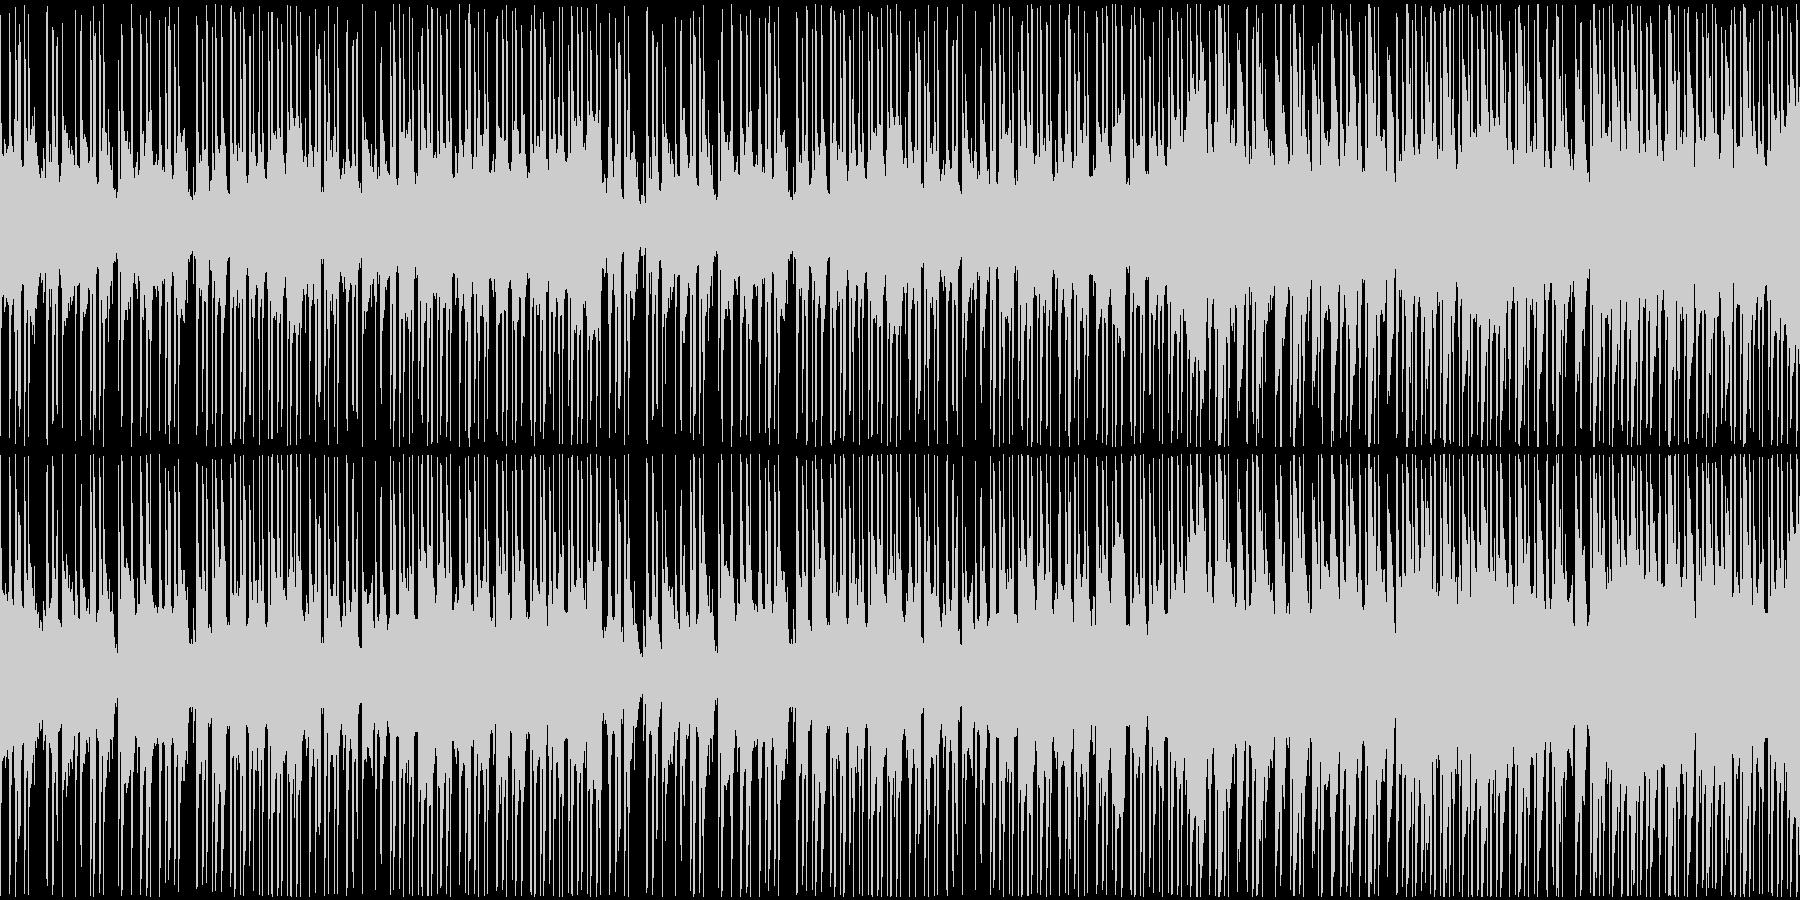 トロピカルな雰囲気のBGMの未再生の波形